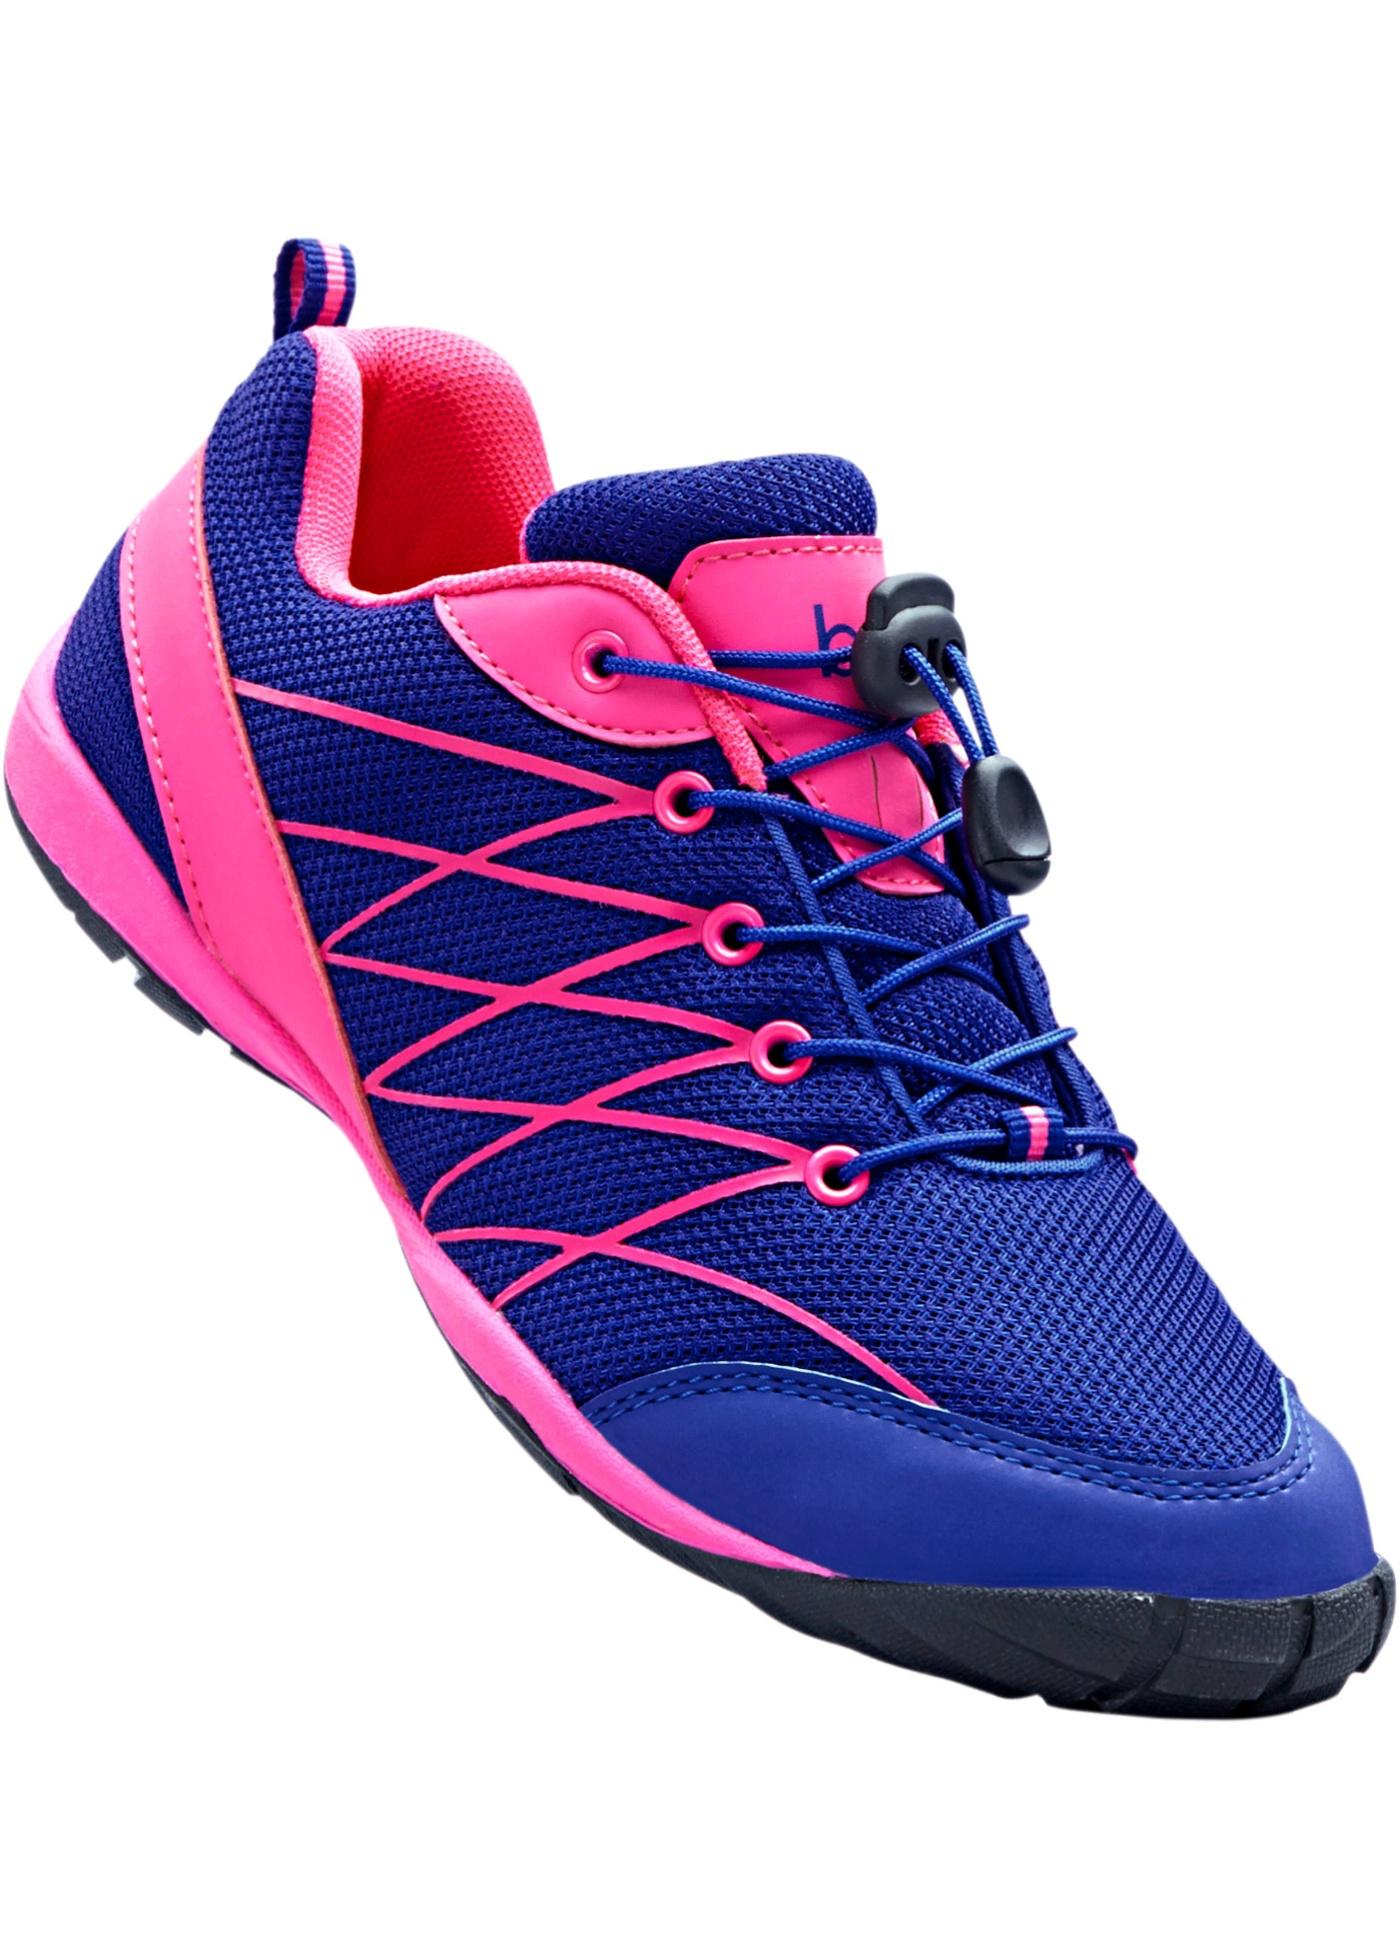 Chaussures de randonnée bleu chaussures & accessoires - bonprix